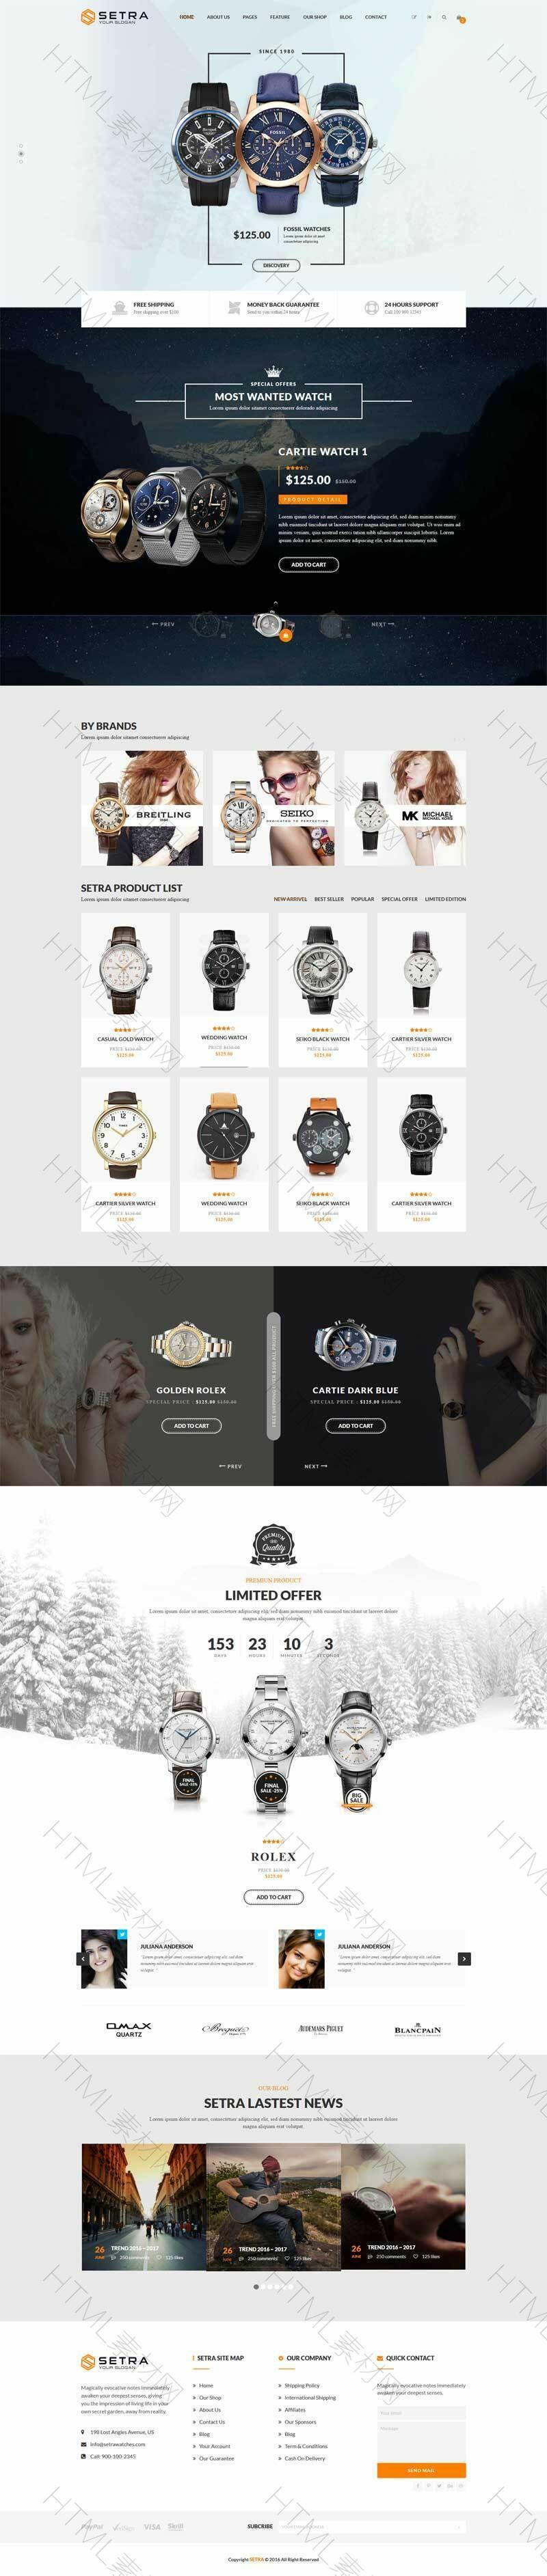 大气的时尚手表电子商城网站模板.jpg